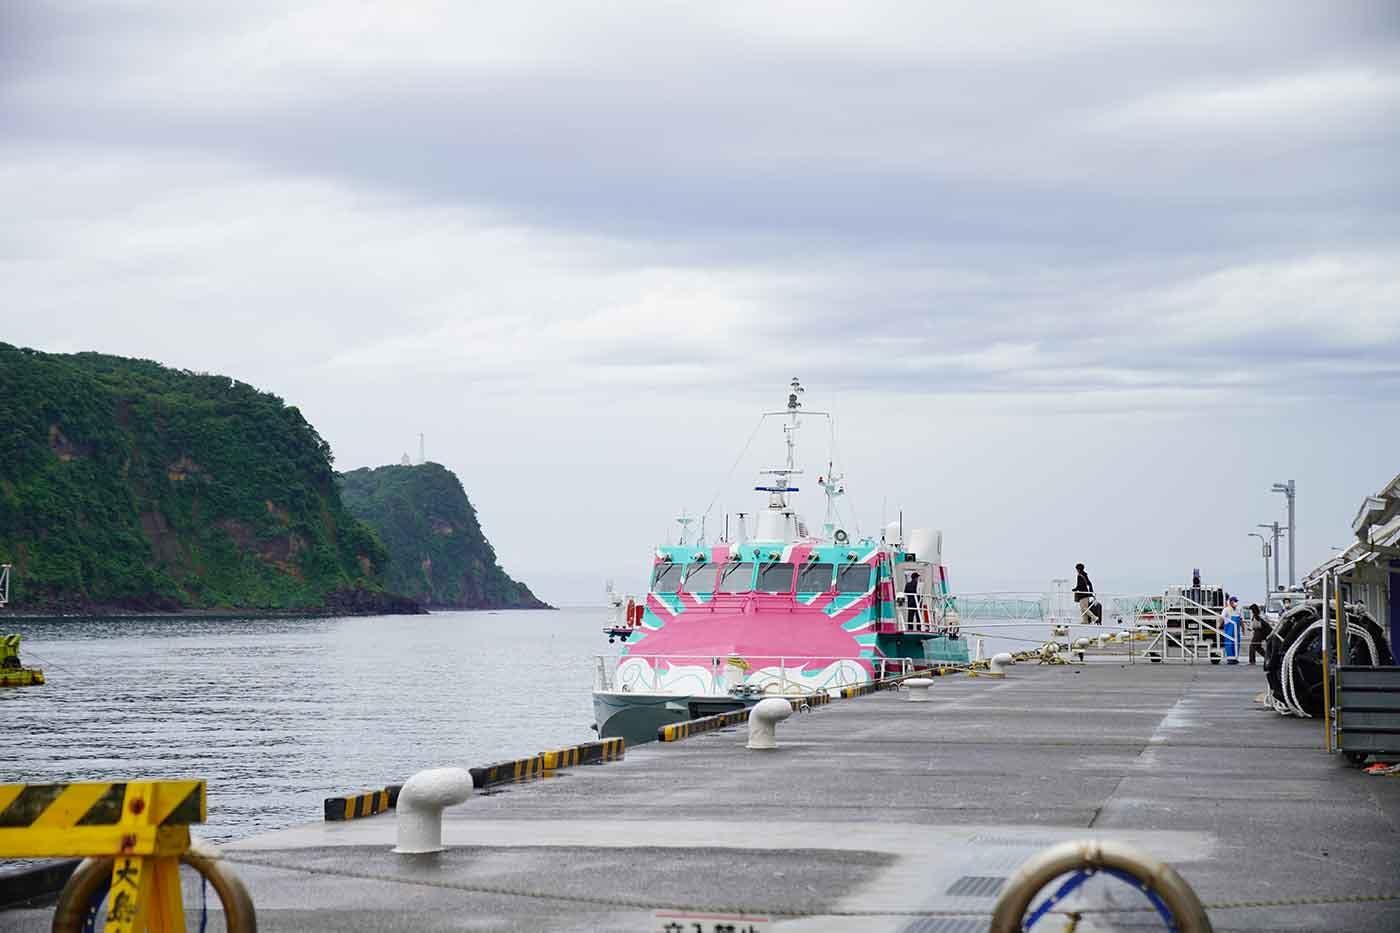 伊豆大島に到着したジェット船